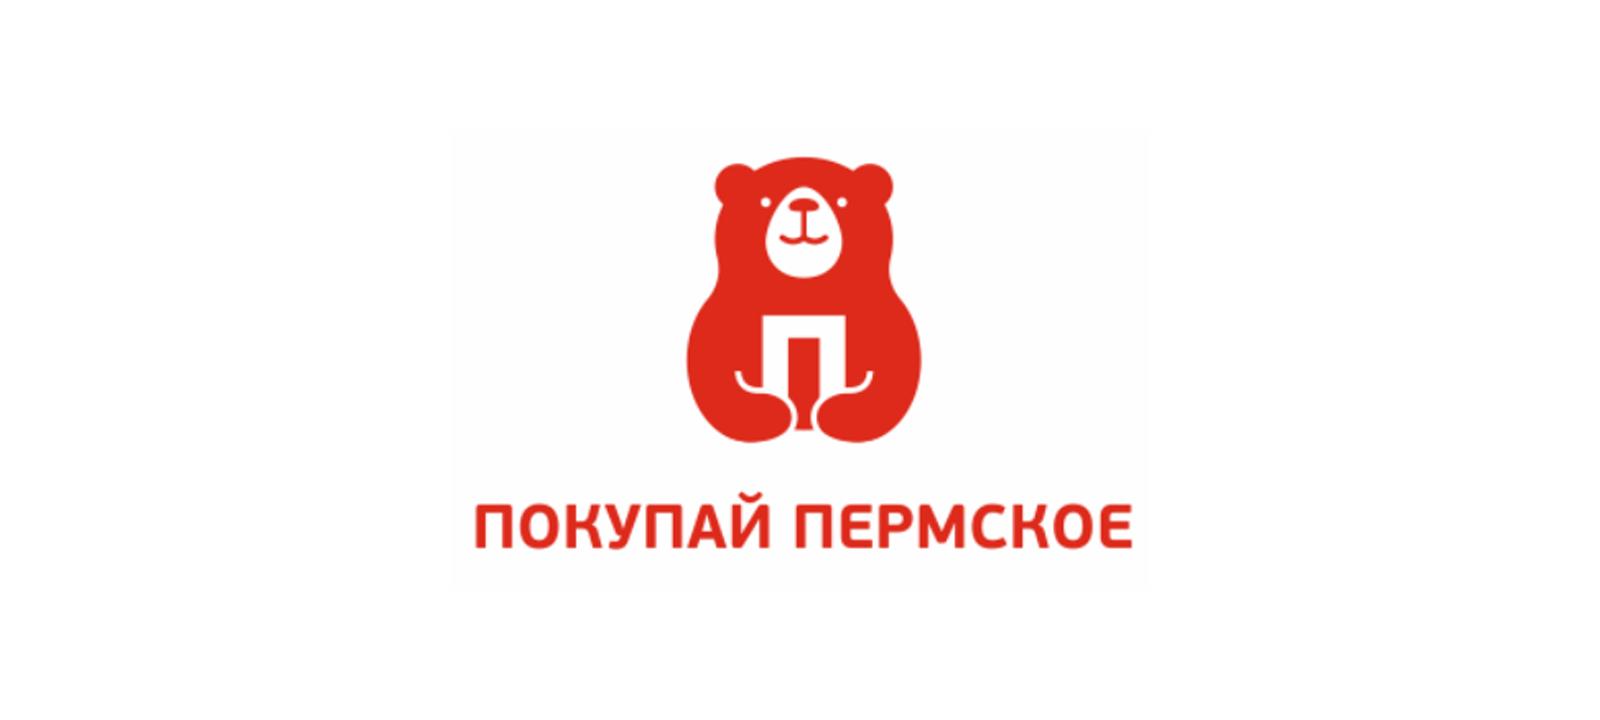 Пермский медведь сильно смахивает на индонезийского